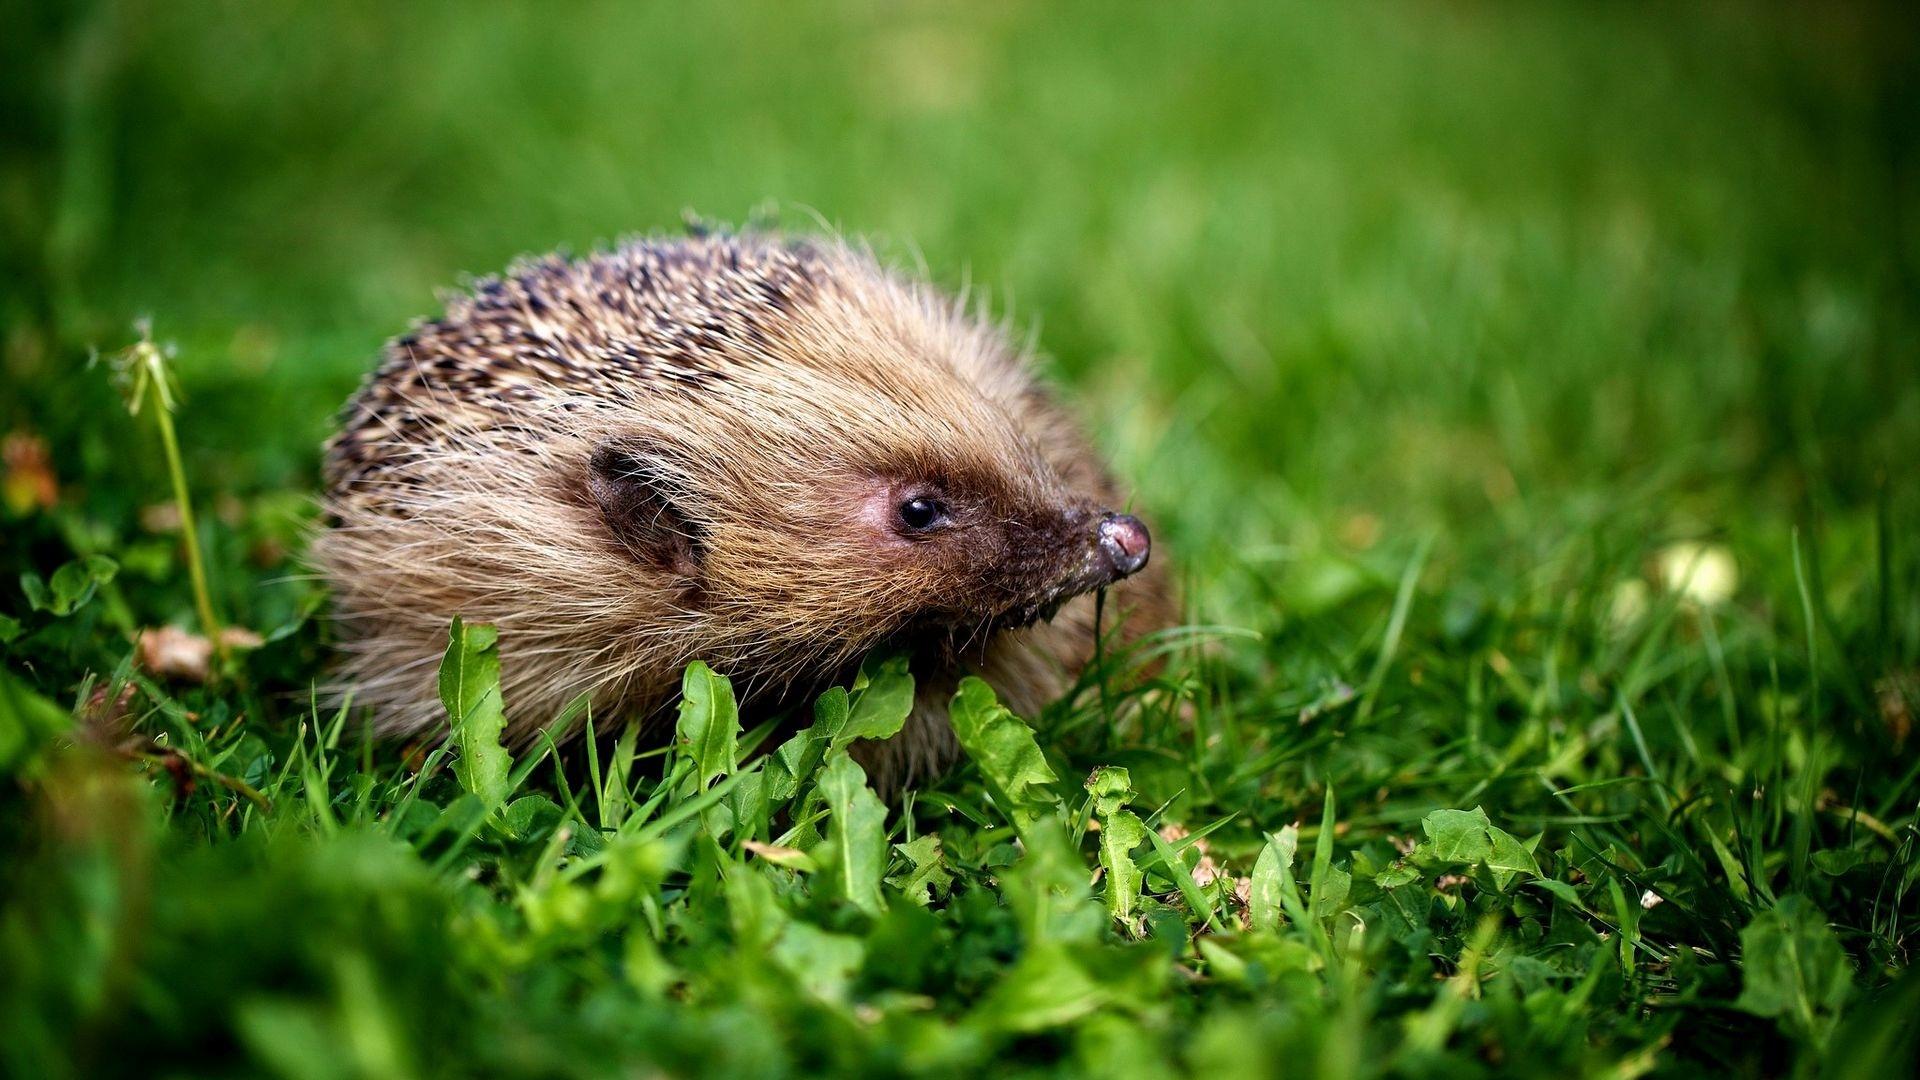 Hedgehog Desktop Wallpaper